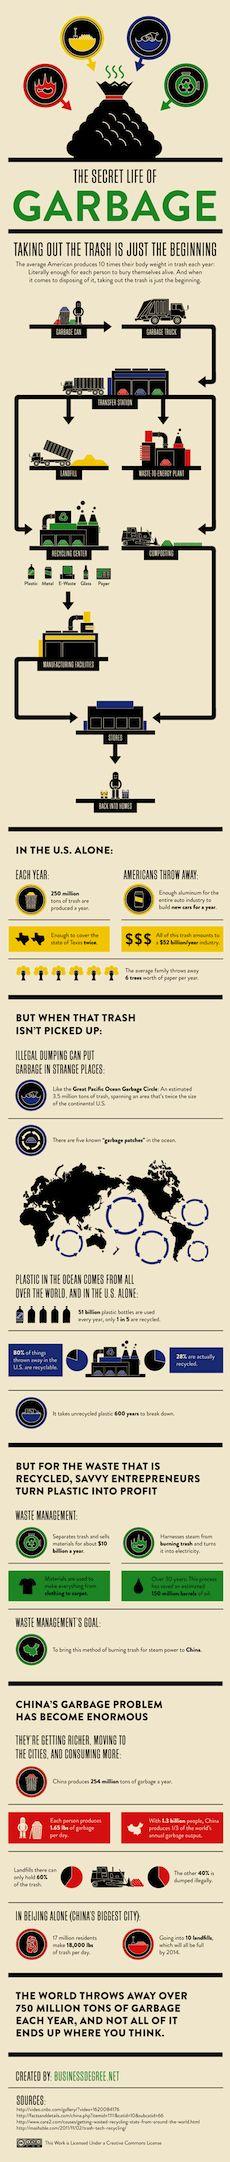 life-of-garbage